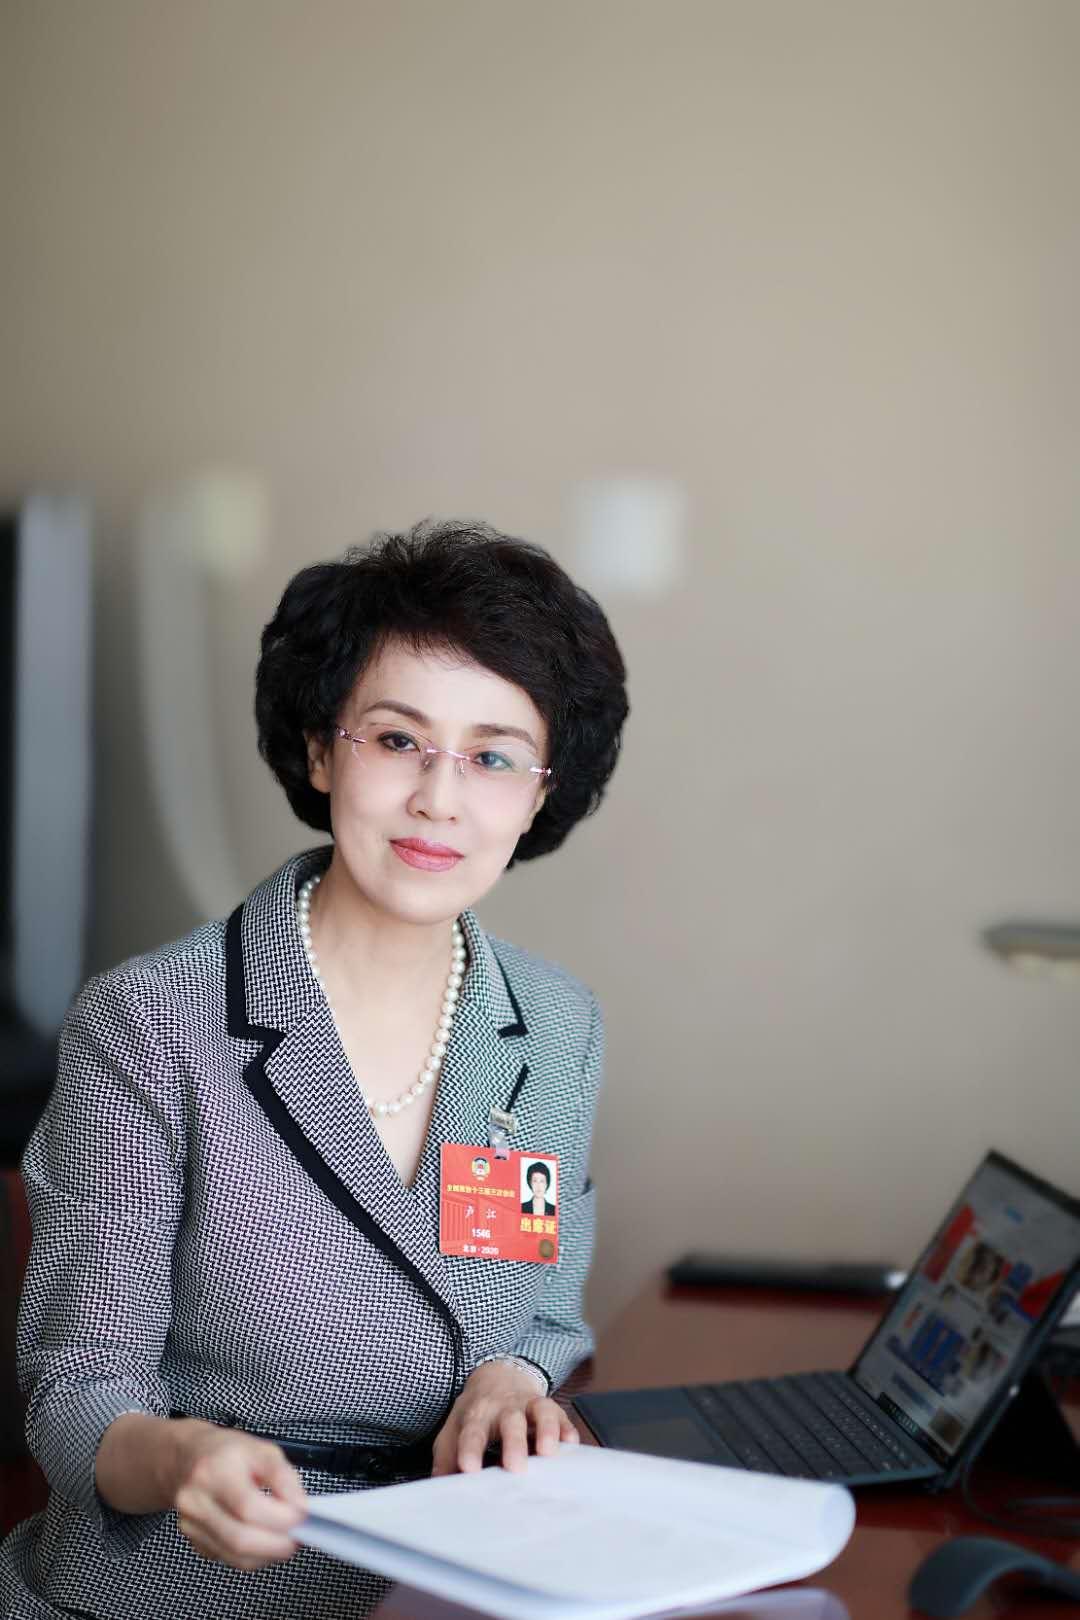 政协委员卢江建议:加快营养立法提高国民营养健康水平